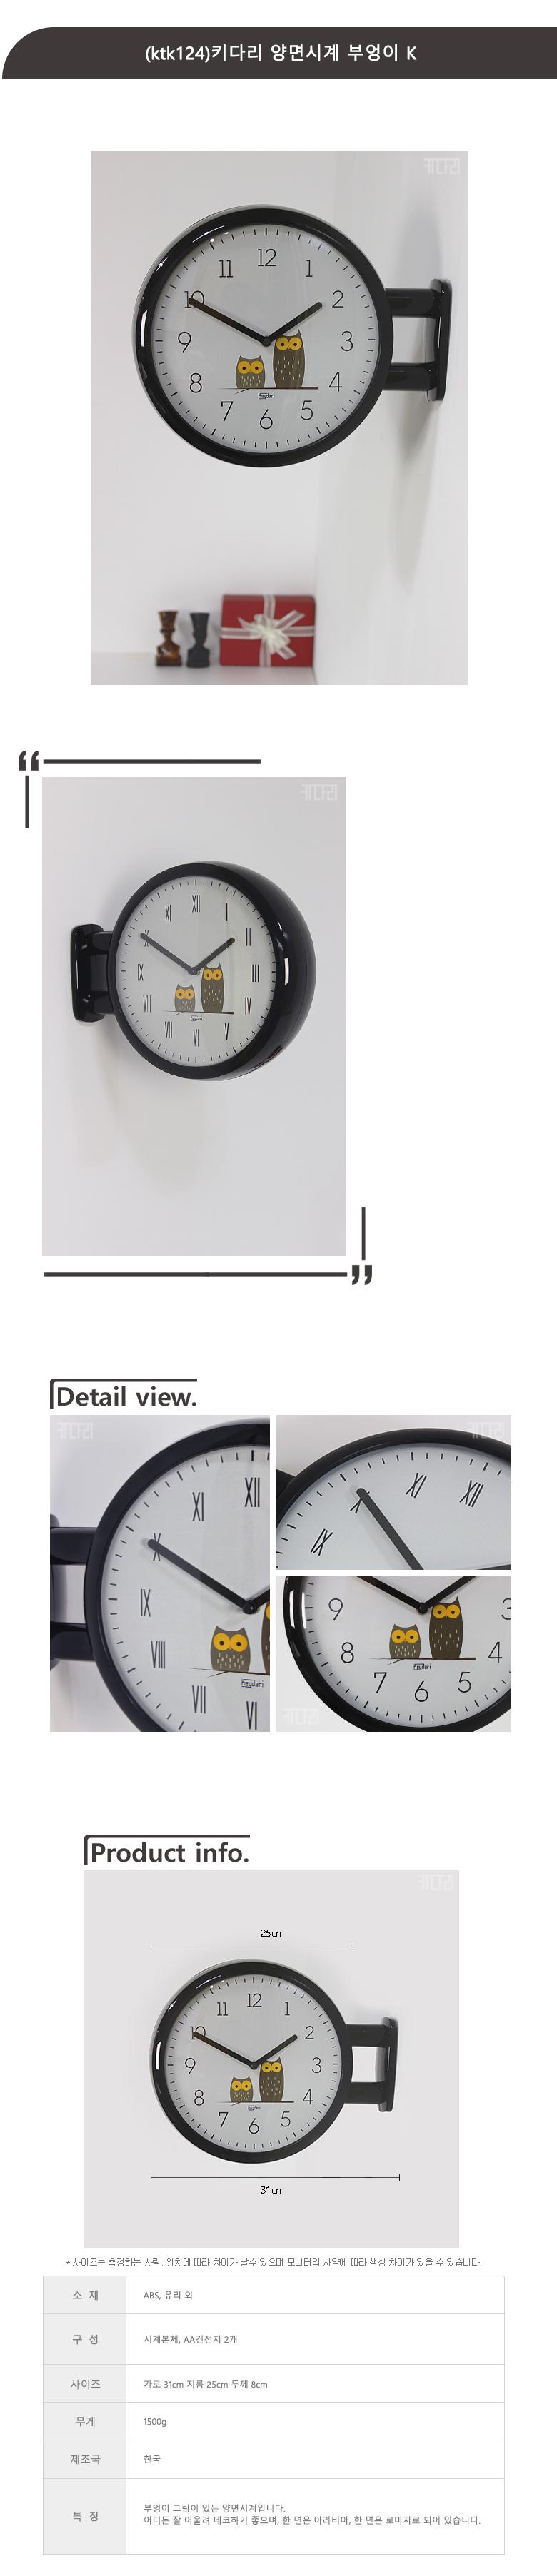 (ktk124)키다리 양면시계 부엉이 K70,000원-키다리인테리어, 시계, 벽시계, 양면/스탠딩벽시계바보사랑(ktk124)키다리 양면시계 부엉이 K70,000원-키다리인테리어, 시계, 벽시계, 양면/스탠딩벽시계바보사랑